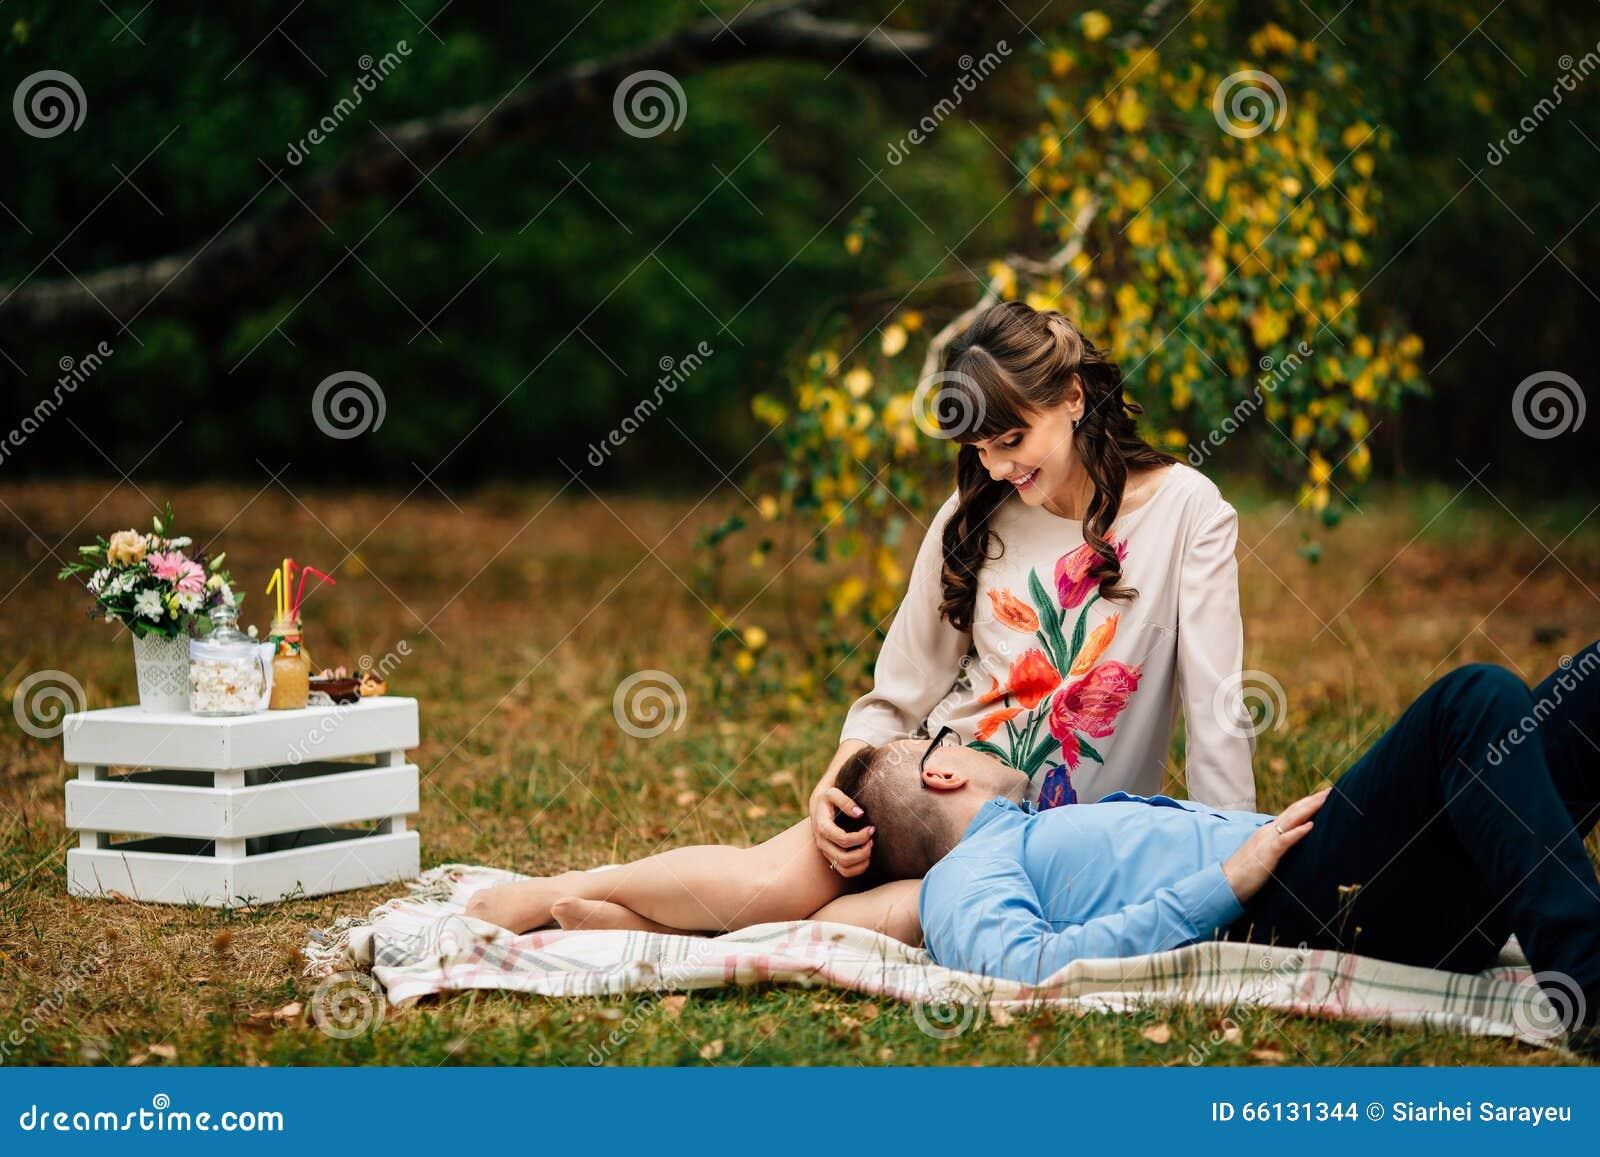 belle femme enceinte avec son mari beau se reposant gentiment dehors pendant l 39 automne sur le. Black Bedroom Furniture Sets. Home Design Ideas